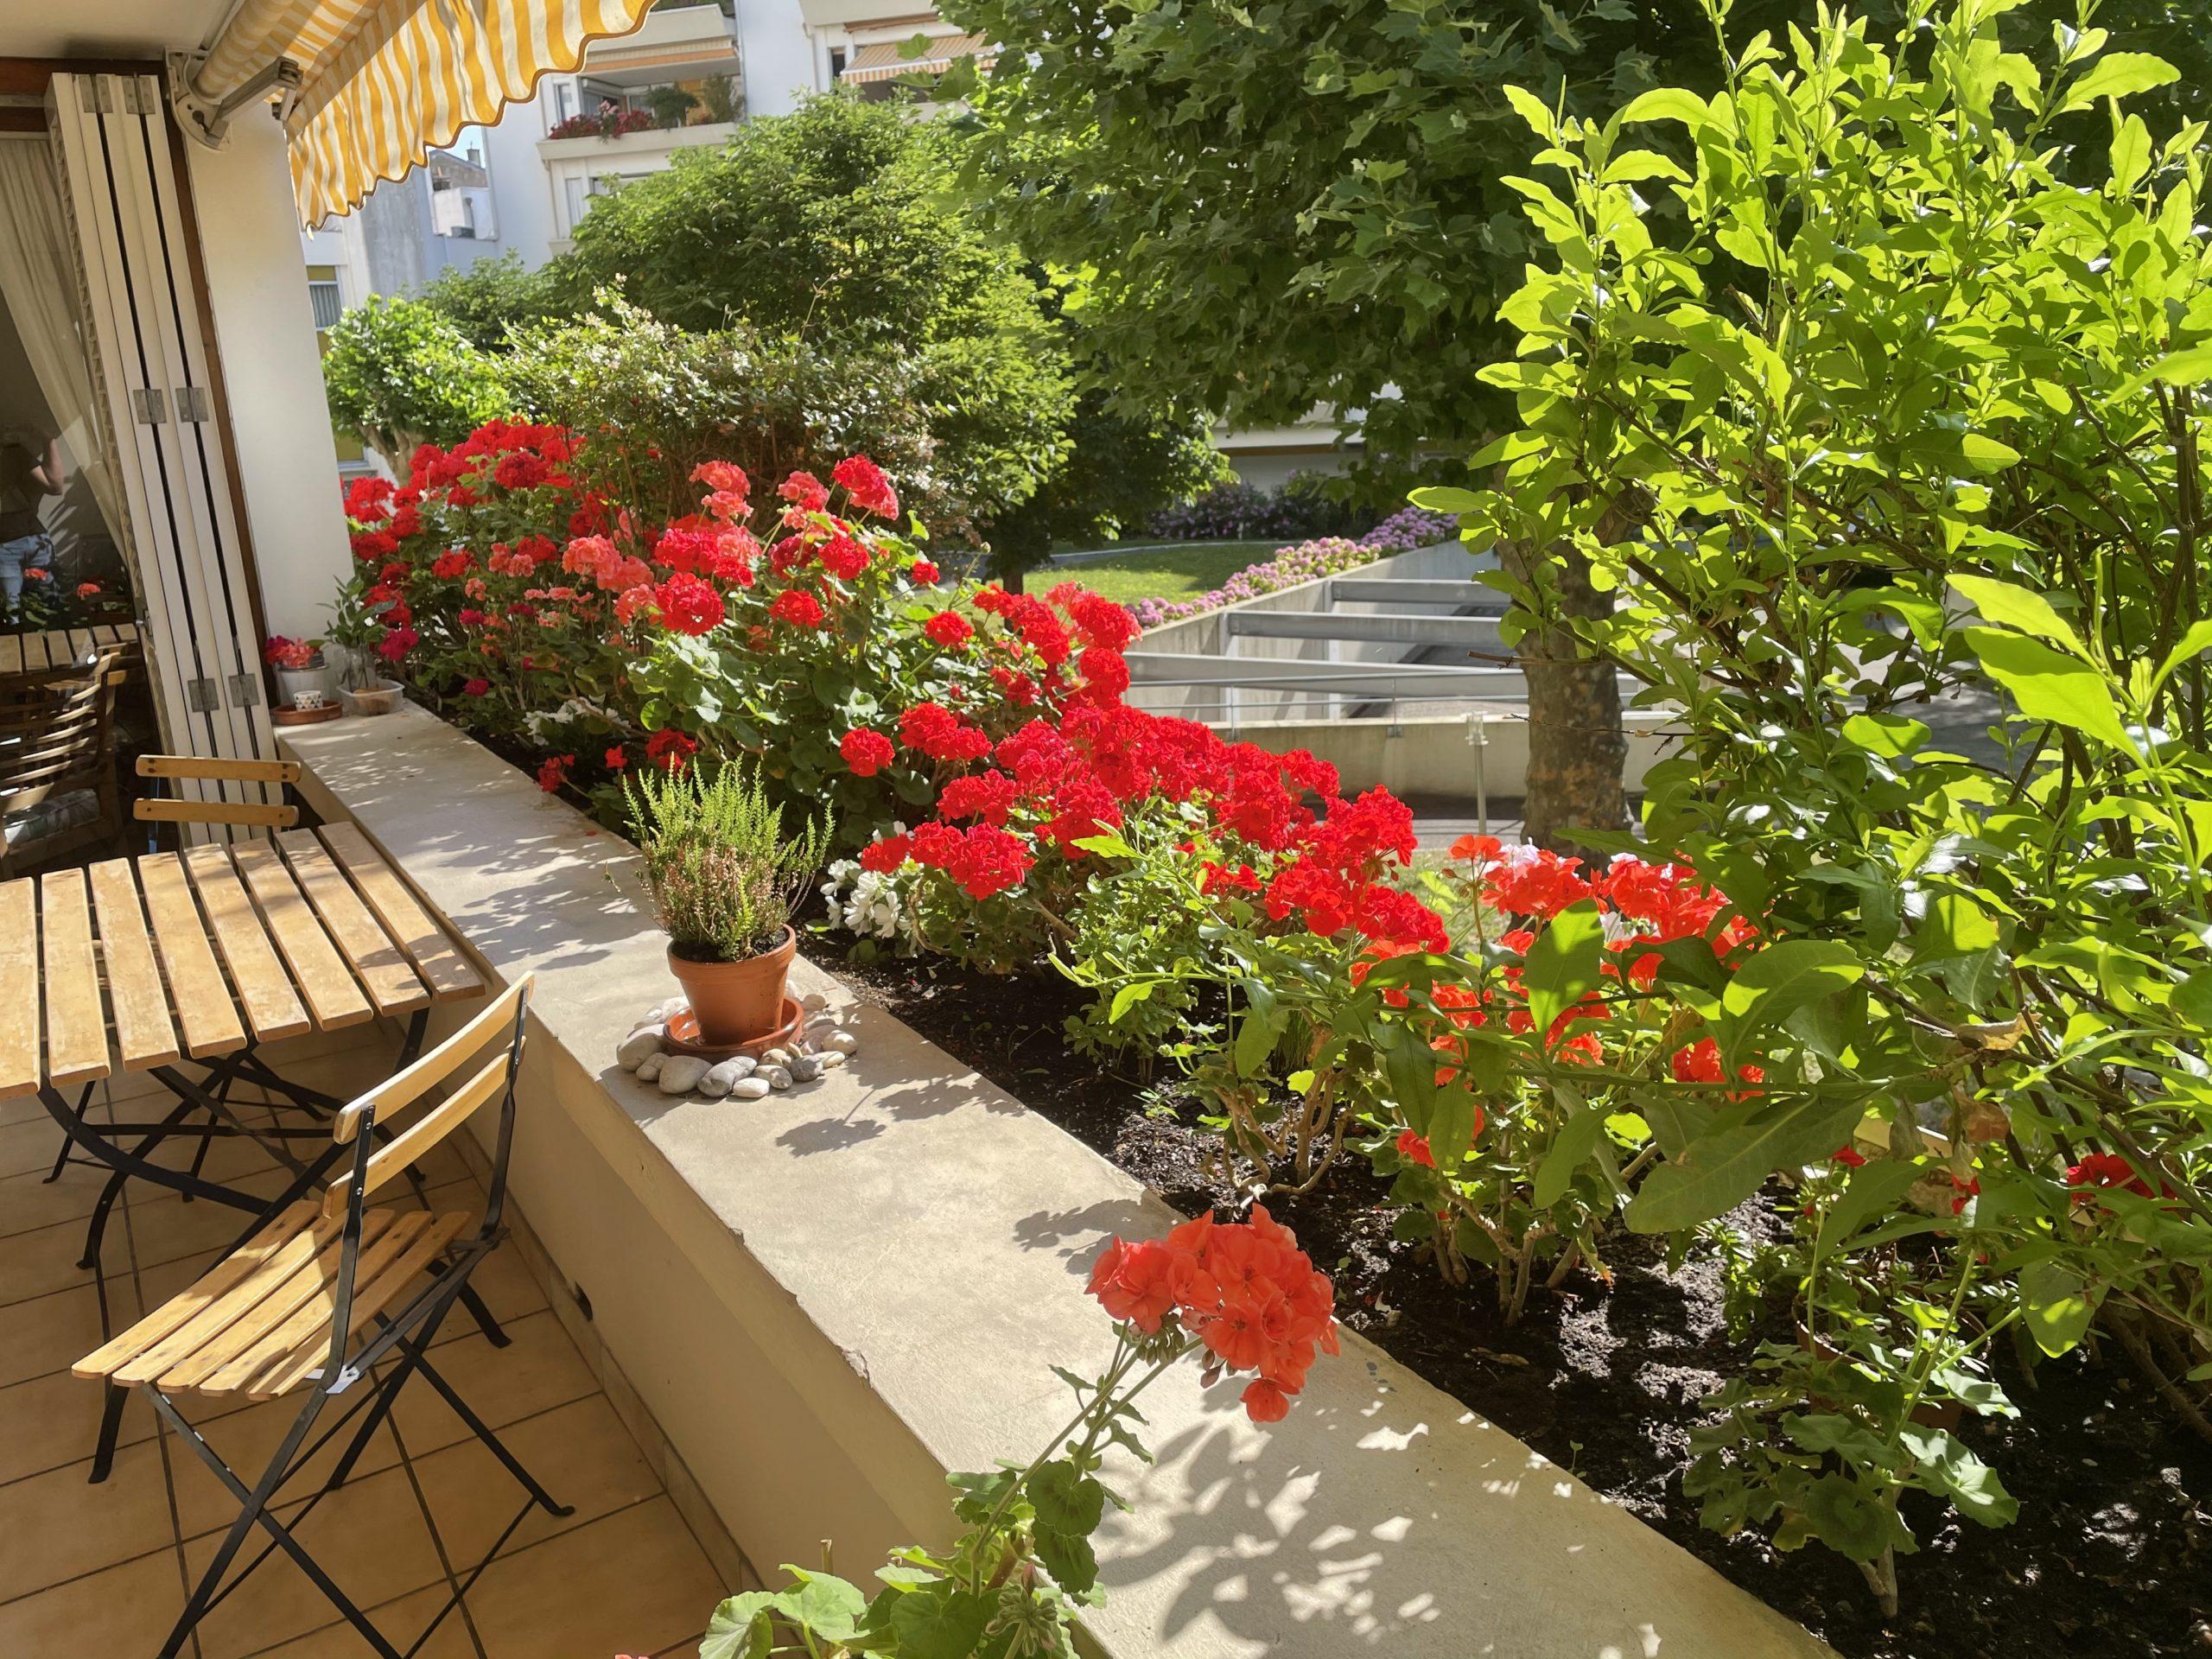 Les Jardins D&454.jpeg039;Arcadie Image2 454